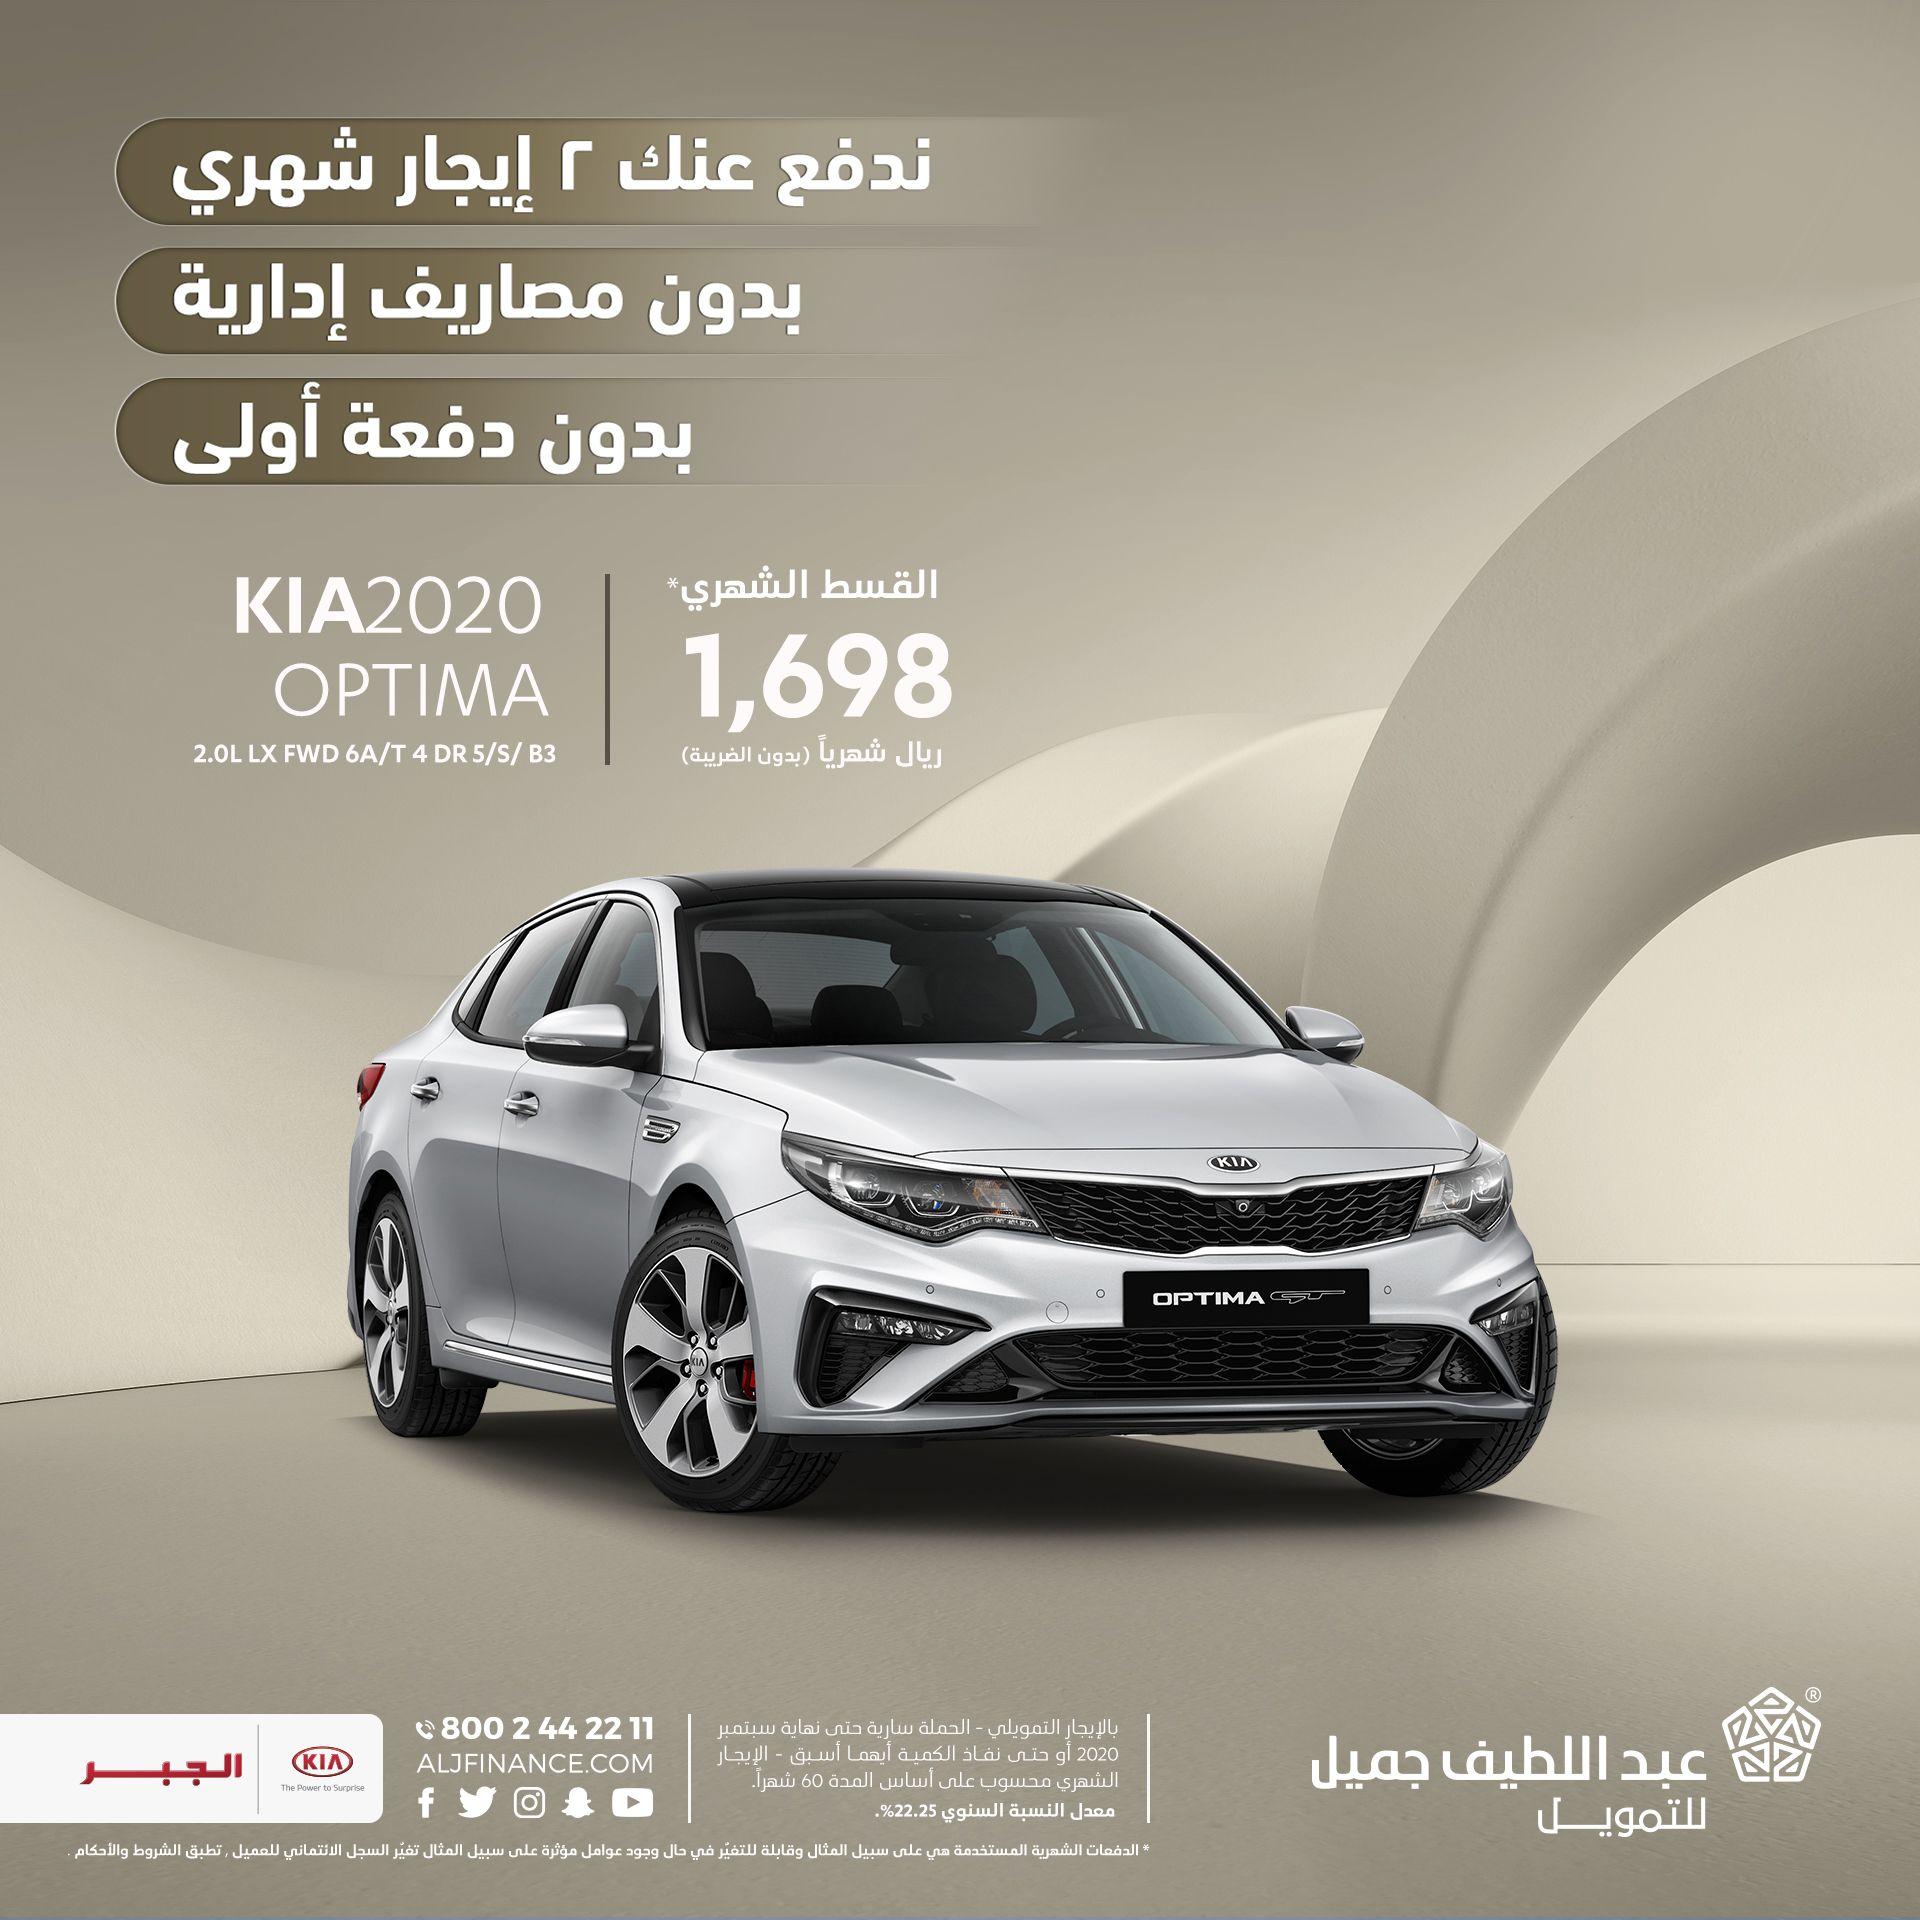 عروض السيارات عروض عبداللطيف جميل علي سيارات كيا بدون دفعة أولي عروض اليوم Sports Car Car Saudi Arabia